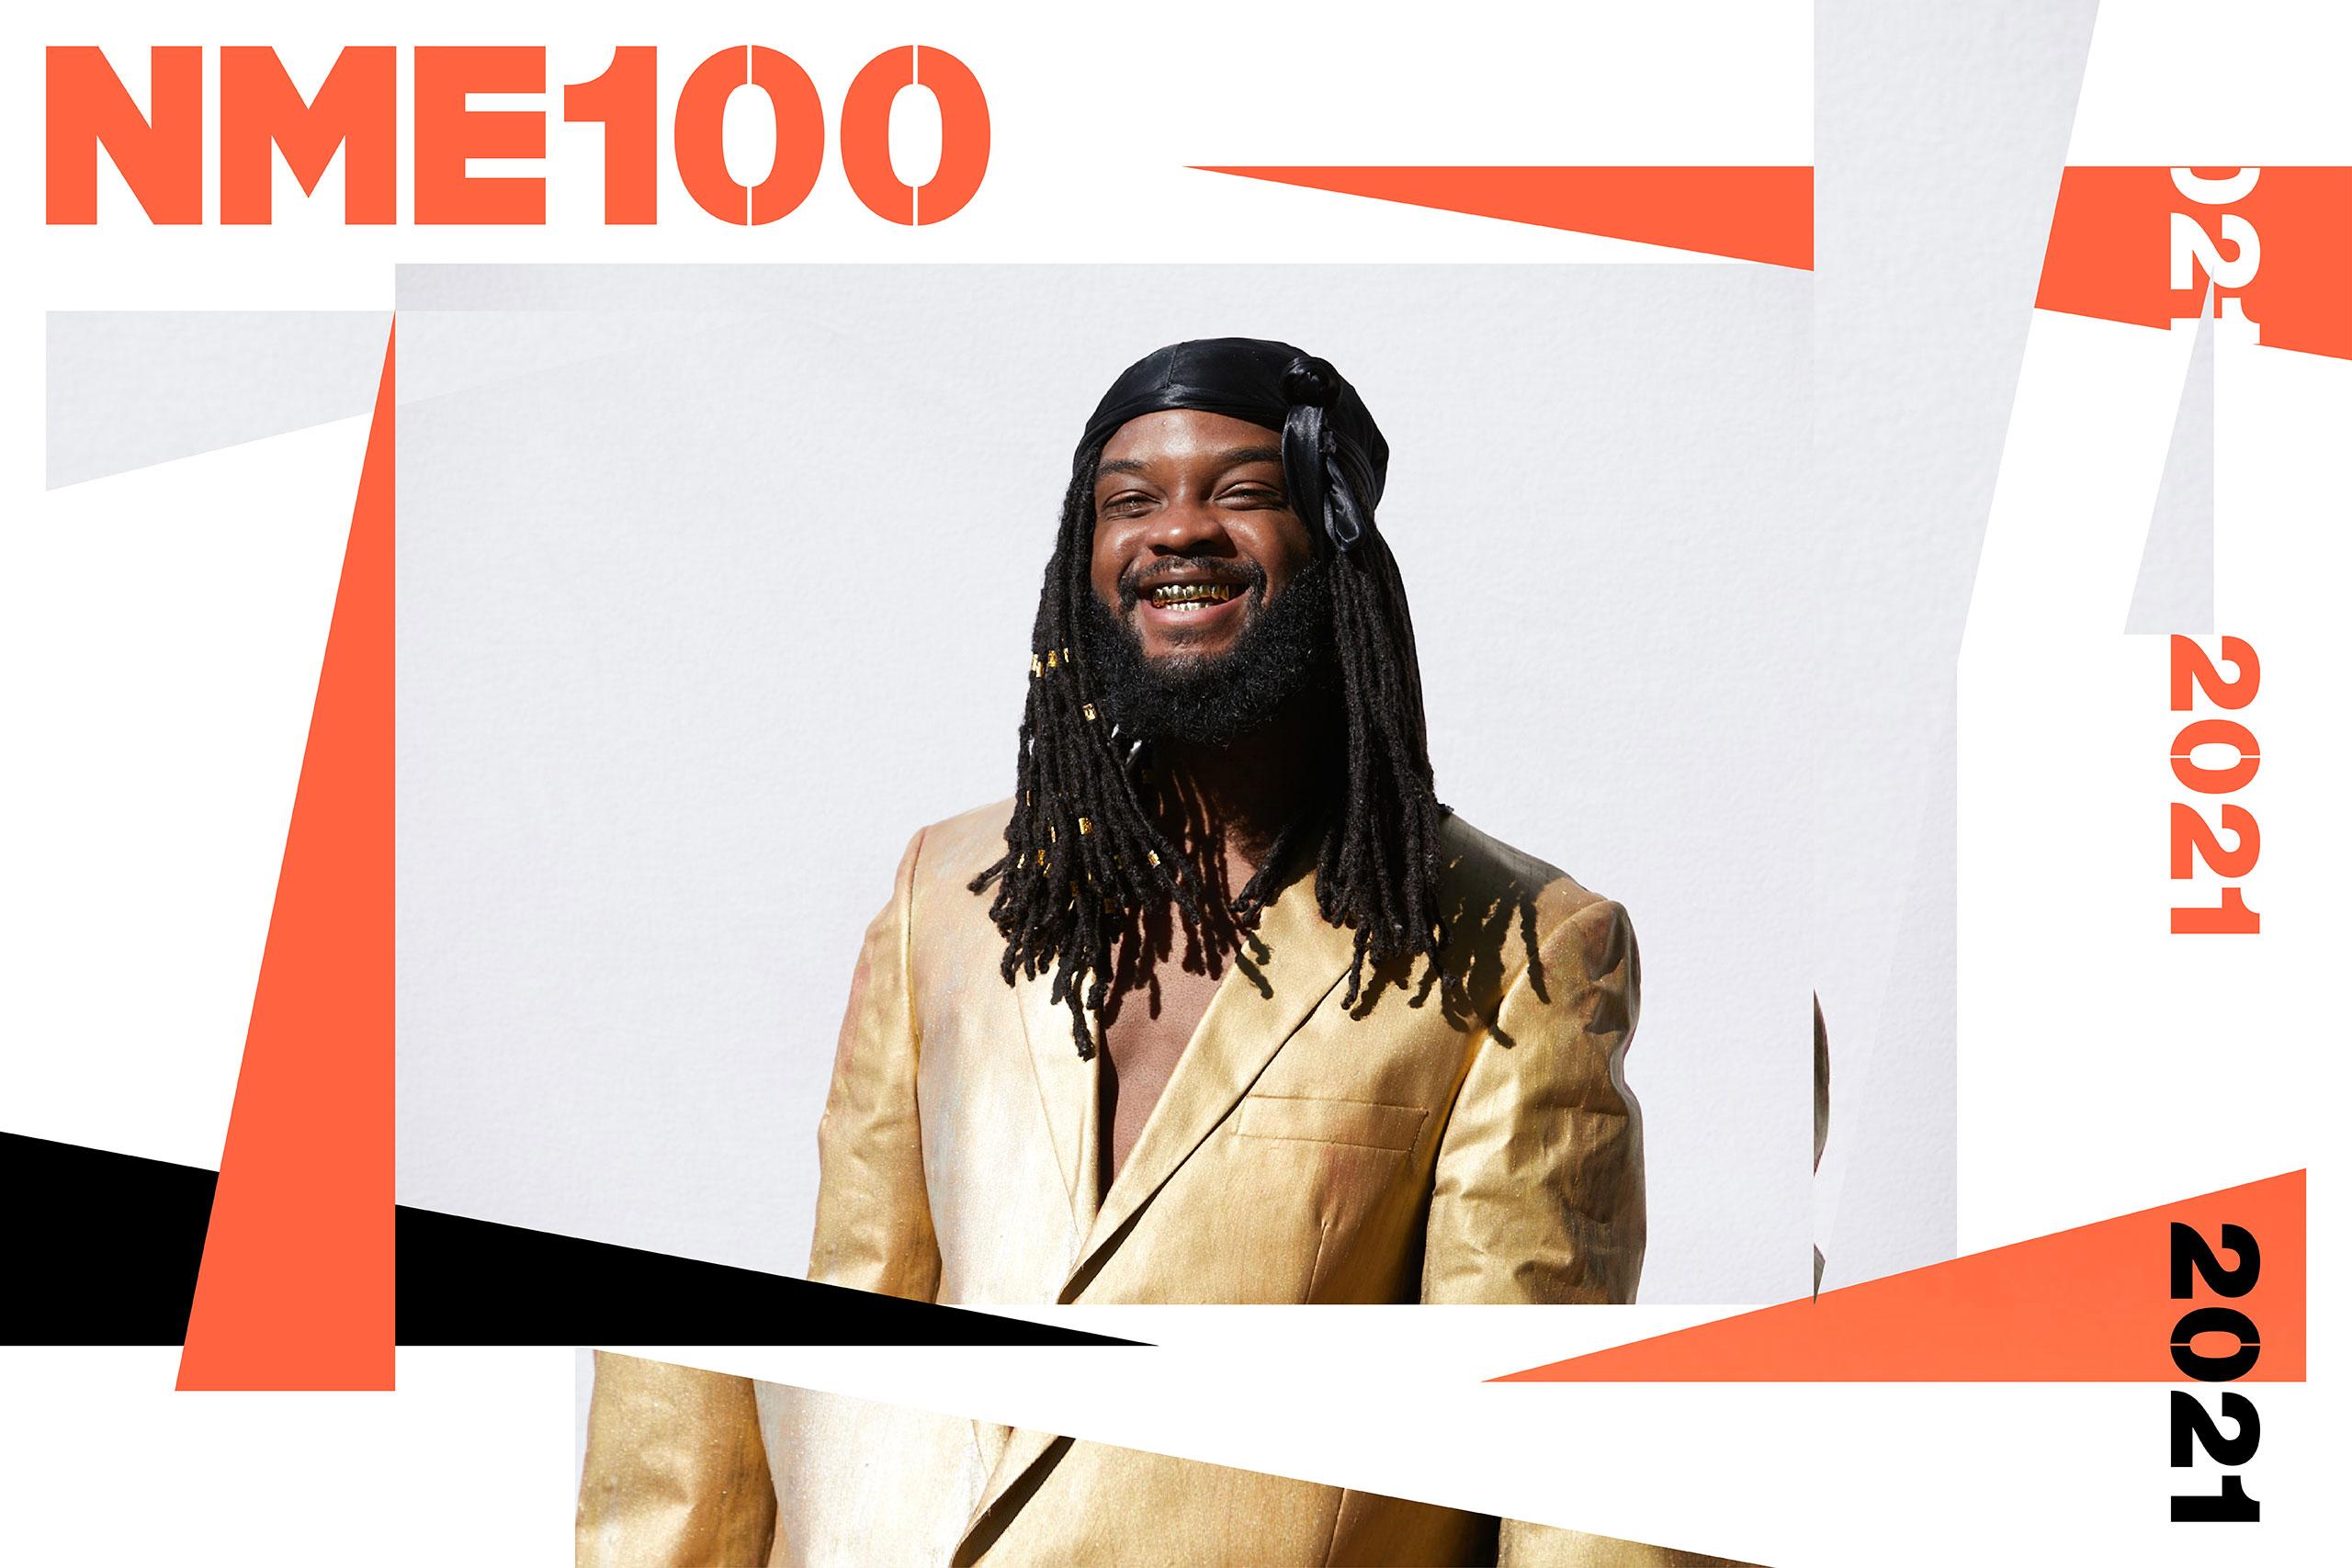 NME 100 genesis owusu